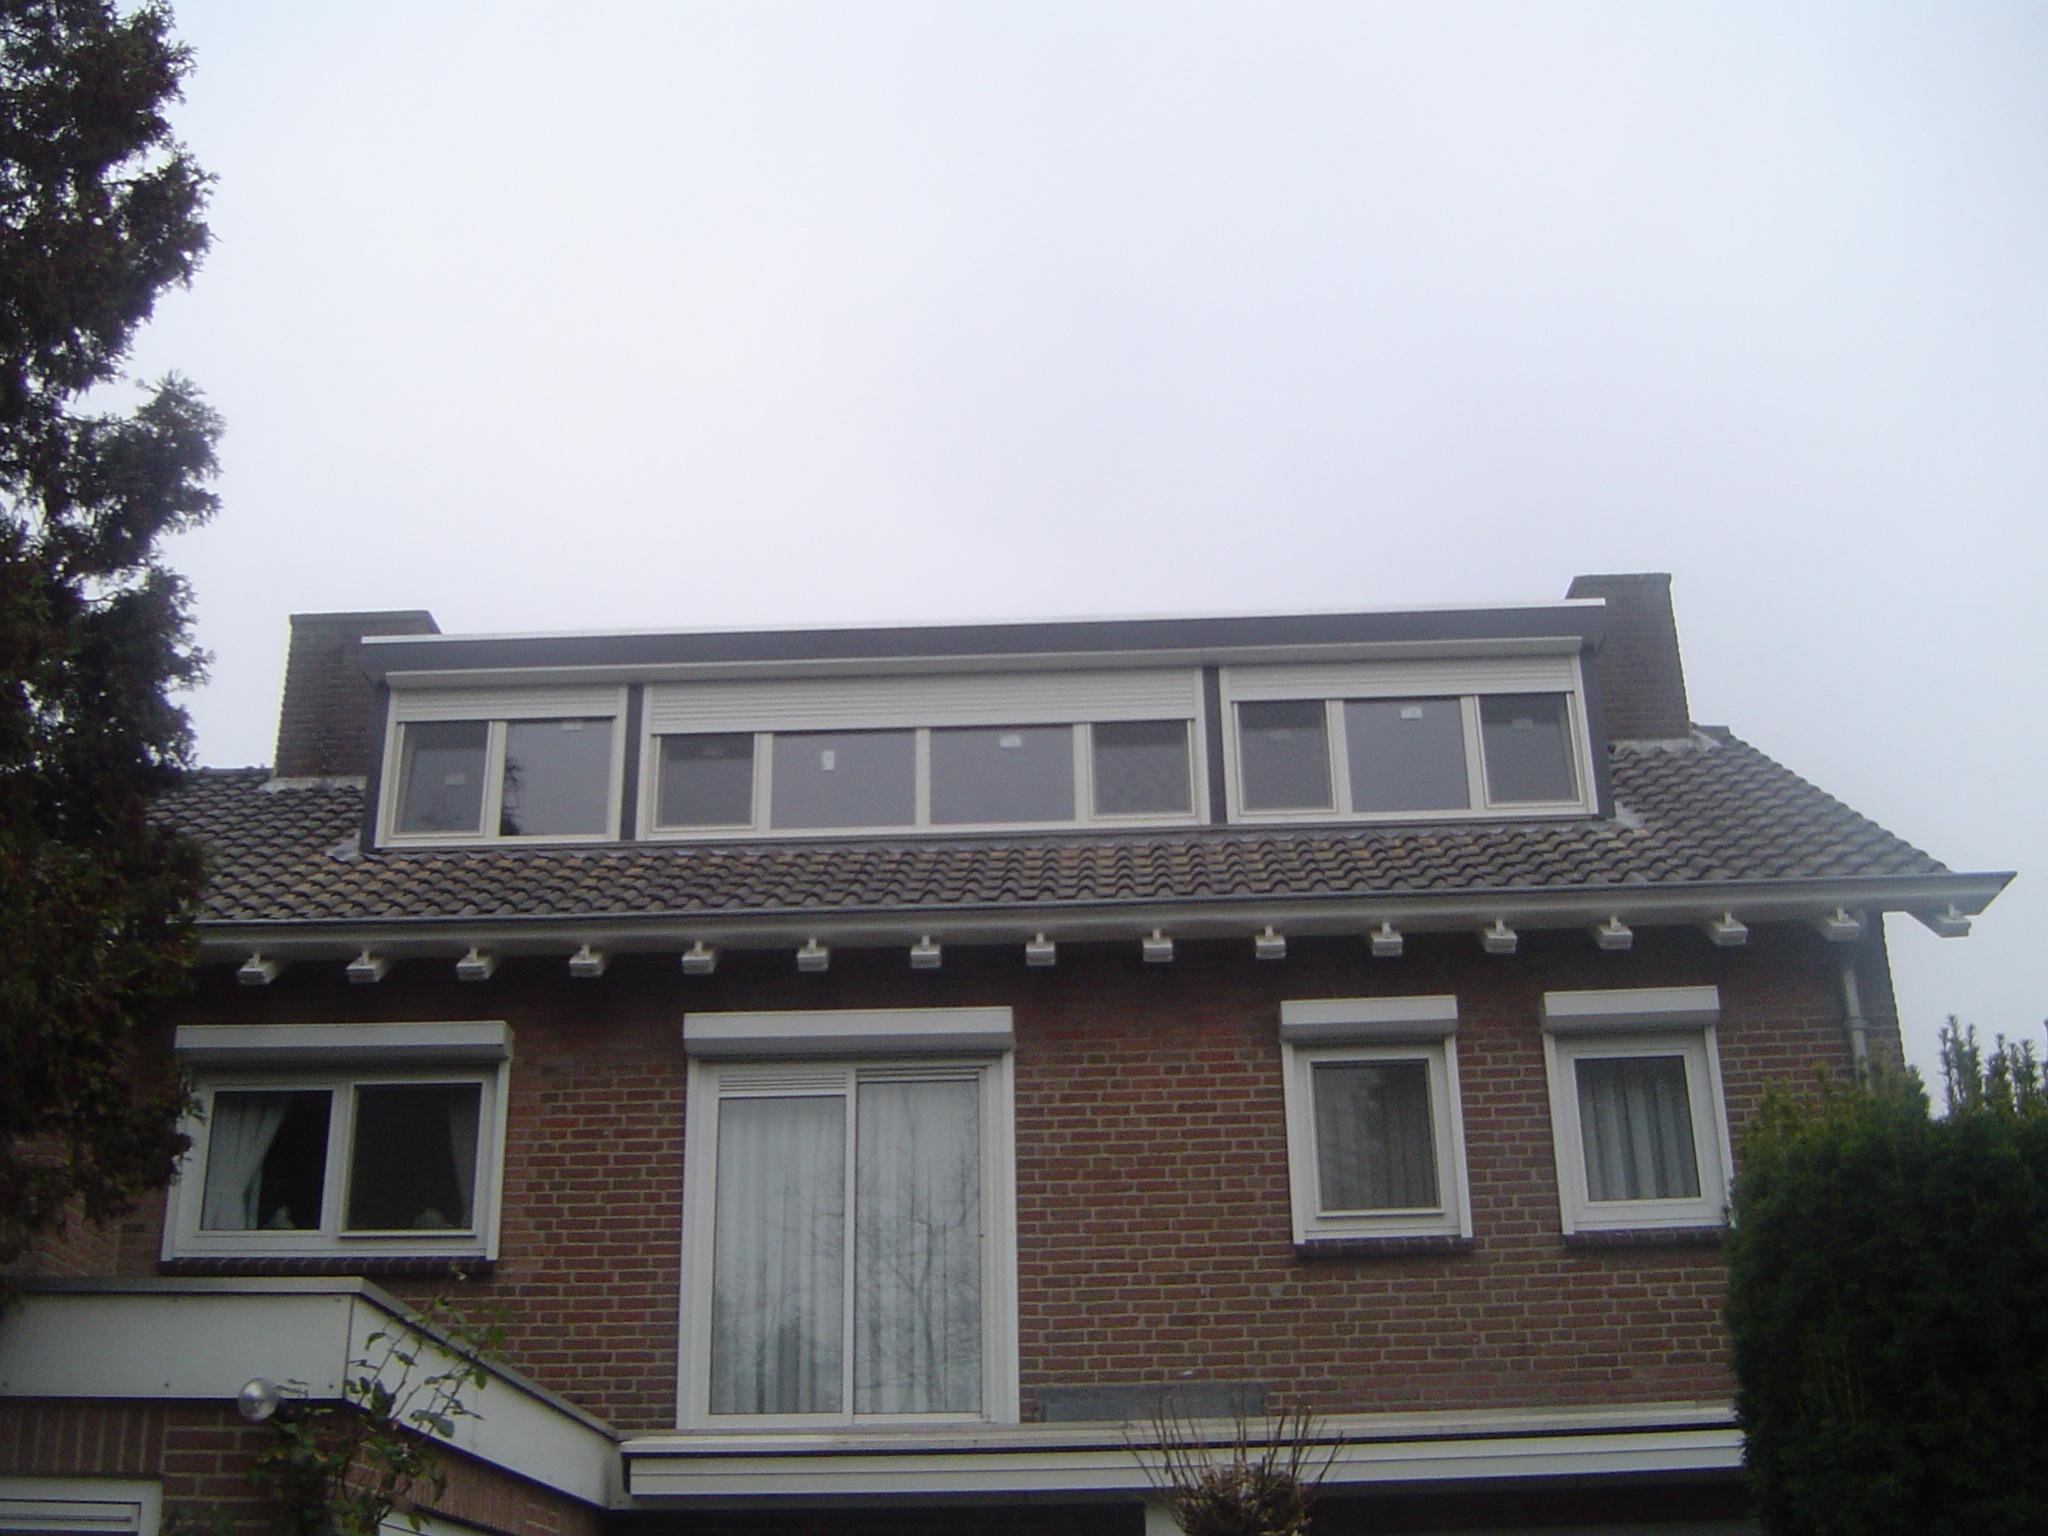 Van Grinsven Dakkapellen - XL dakkapel een extra groet dakkapel van ...